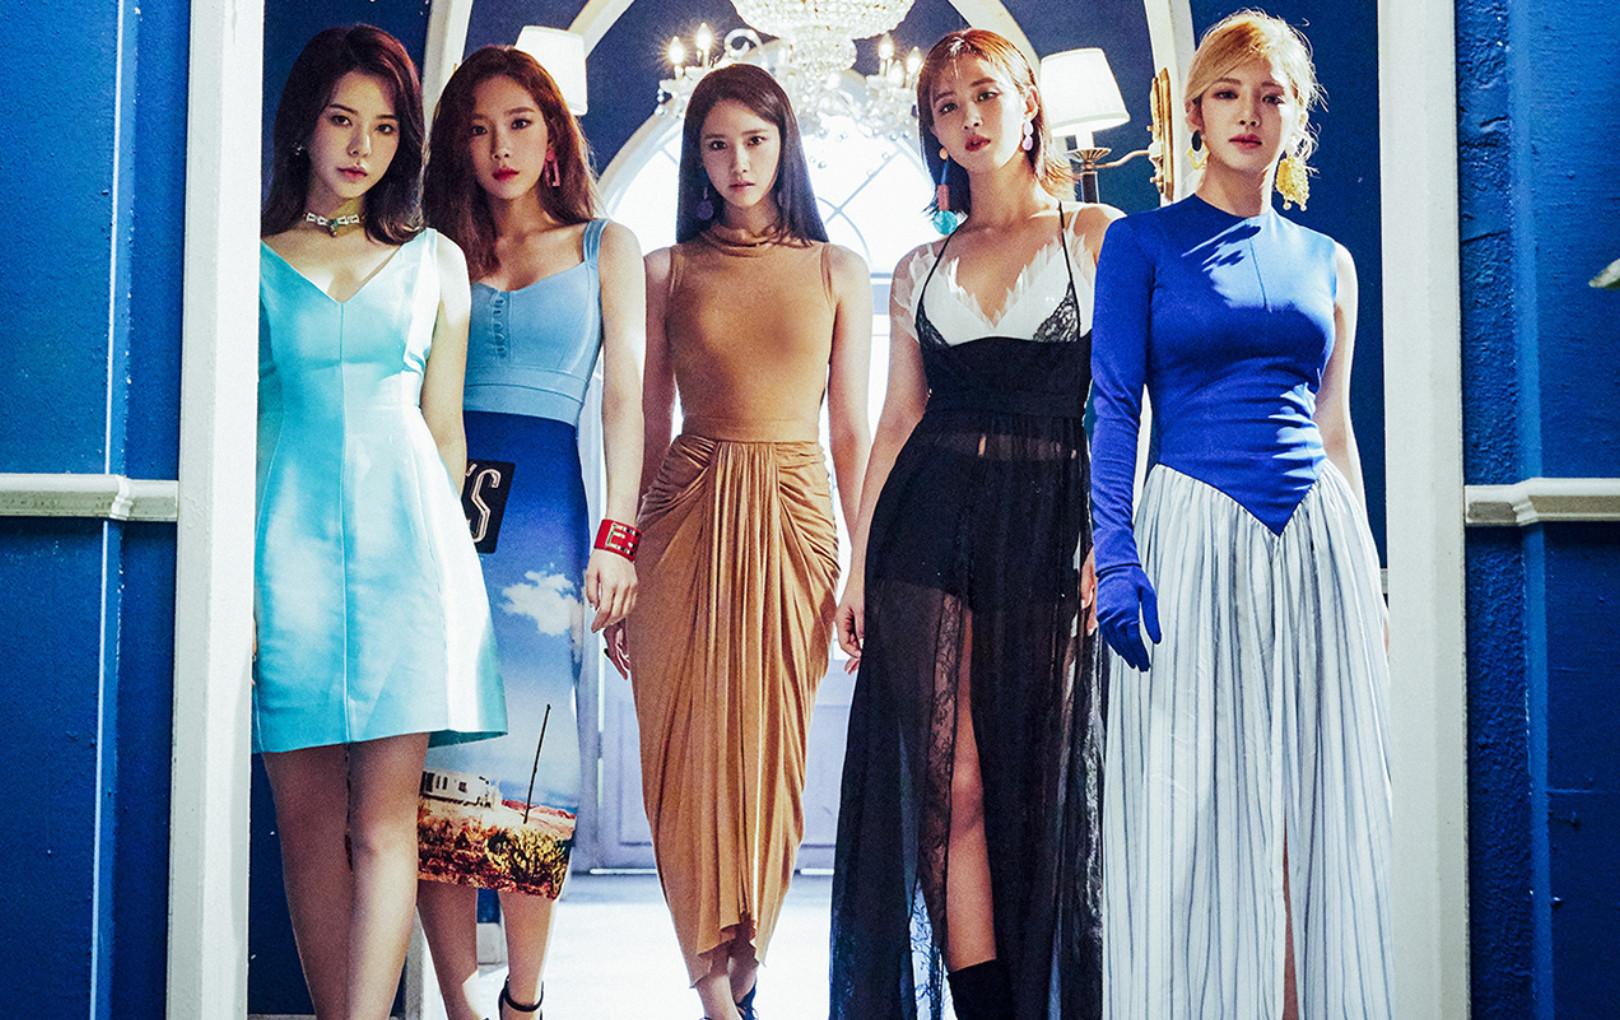 Toàn bộ thành viên Oh!GG - SNSD xác nhận gia hạn hợp đồng với SM Entertainment